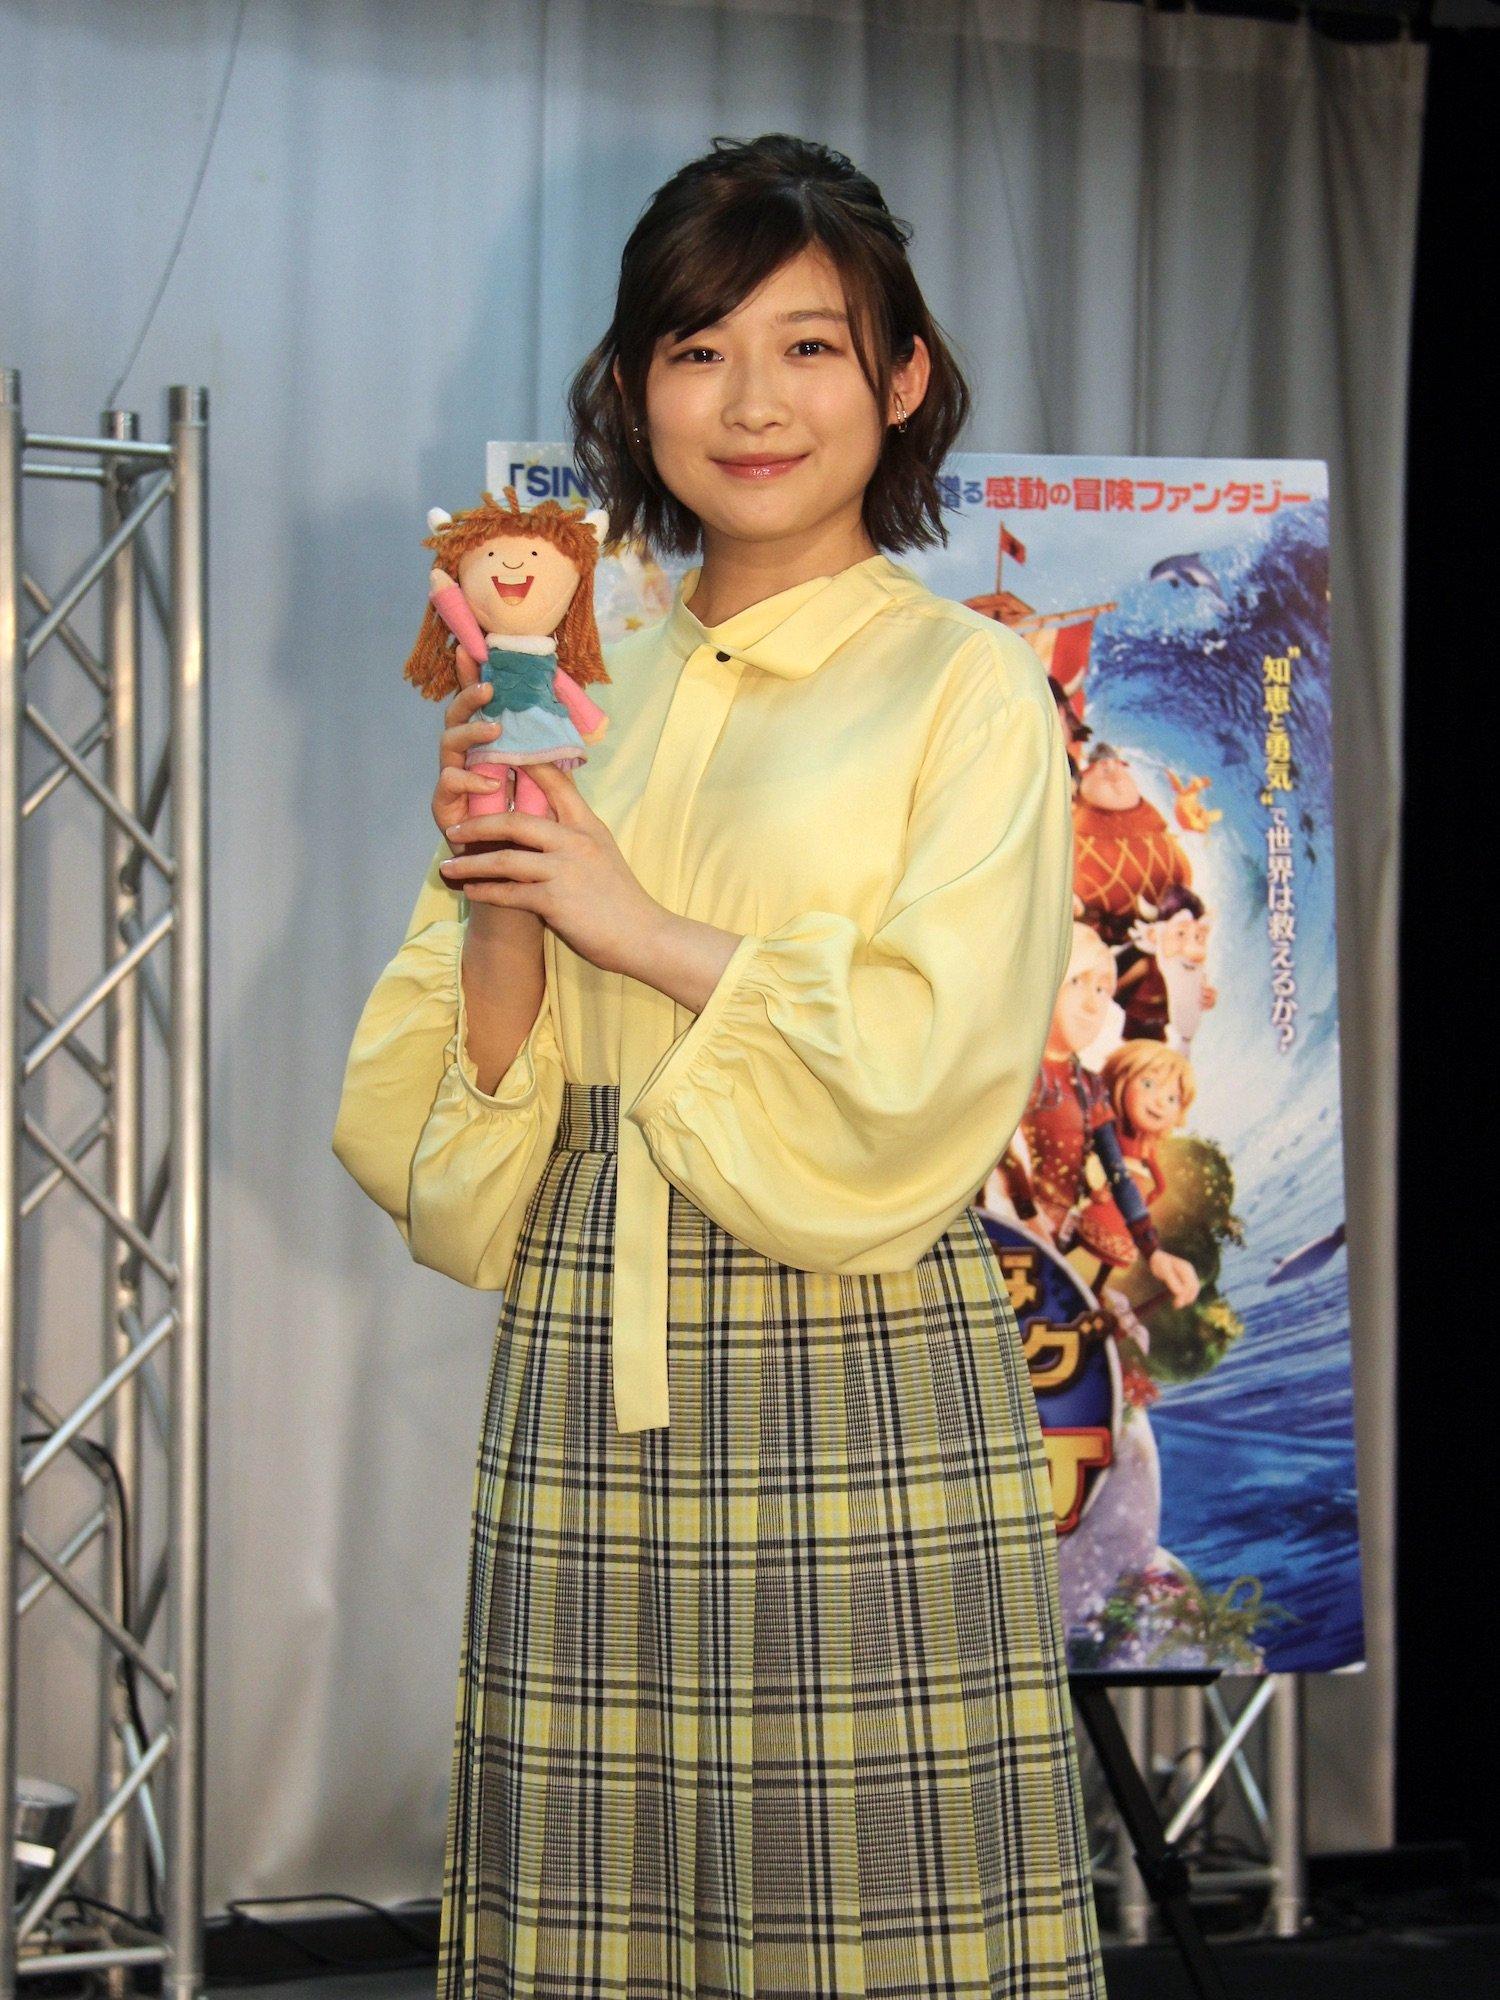 伊藤沙莉が映画『小さなバイキングビッケ』公開アフレコに参加、自粛期間は自宅カラオケで「歌ってました」の画像005